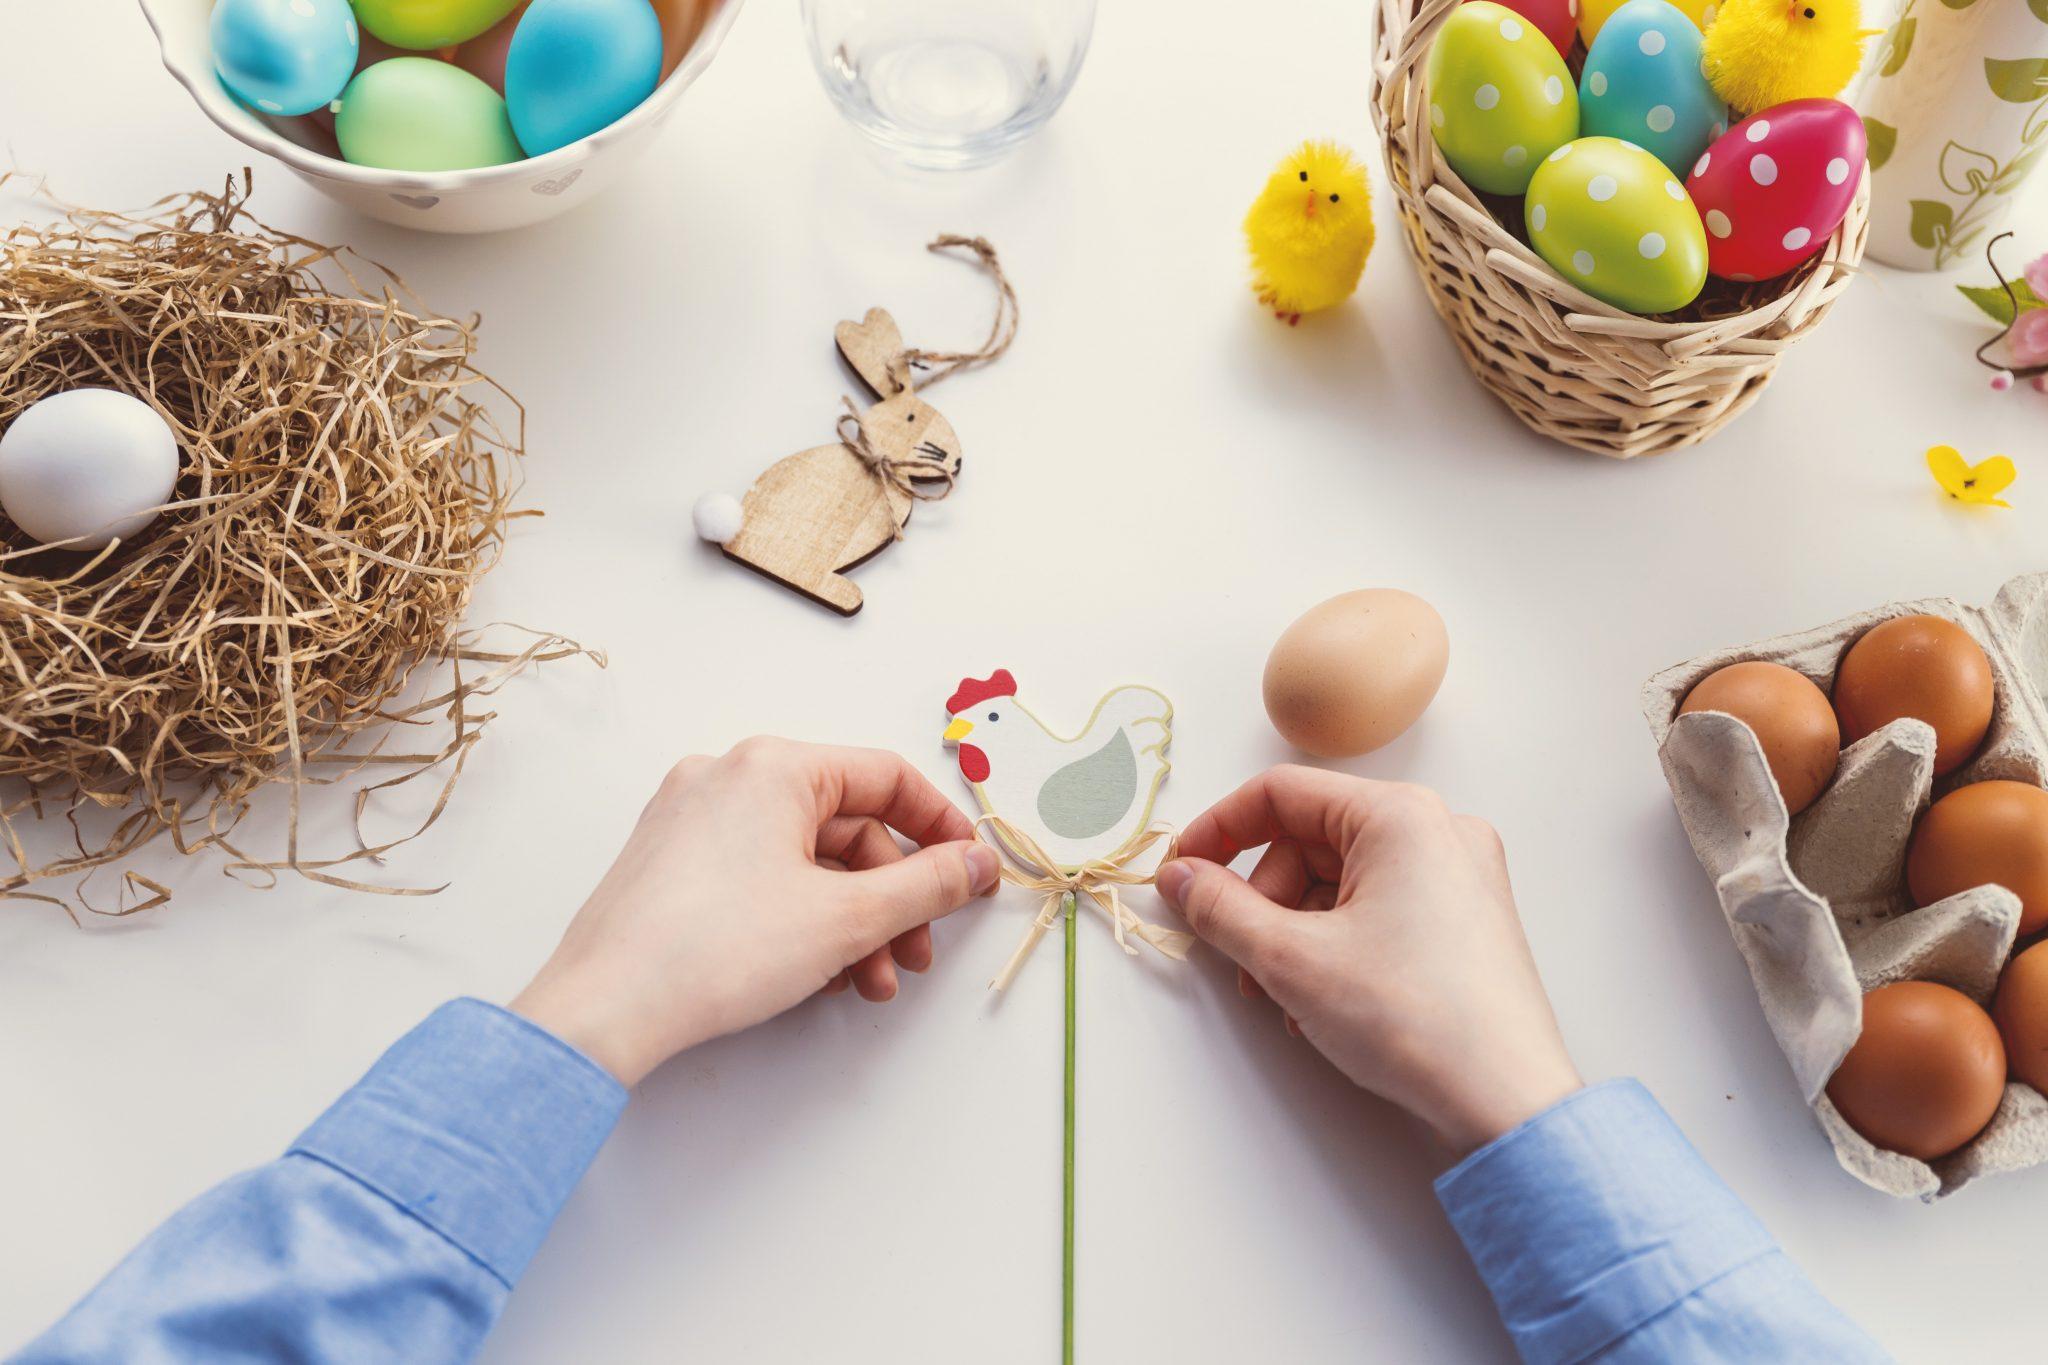 Coomir Ornamenti Artigianali Regali Eventi Decorazione di Pasqua a Coniglio in Legno Decorazione da Tavolo 1 Feste